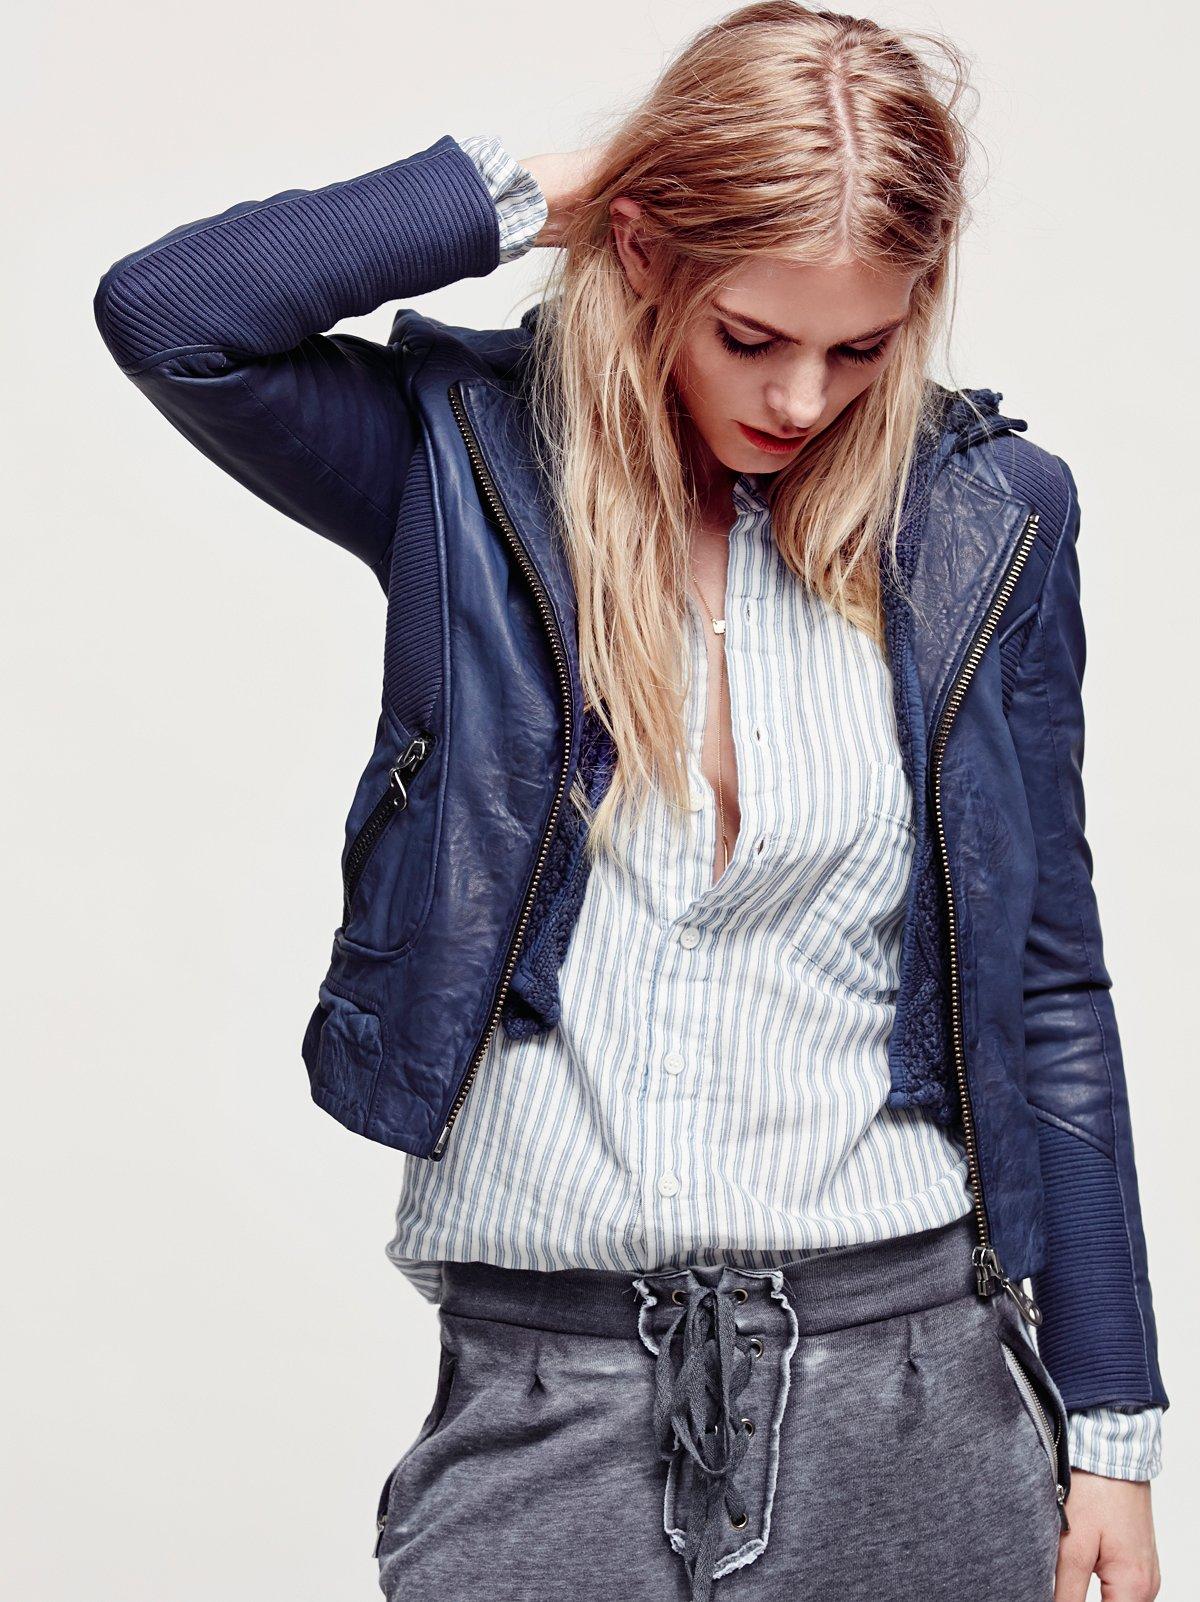 Sweater Hood Leather Biker Jacket